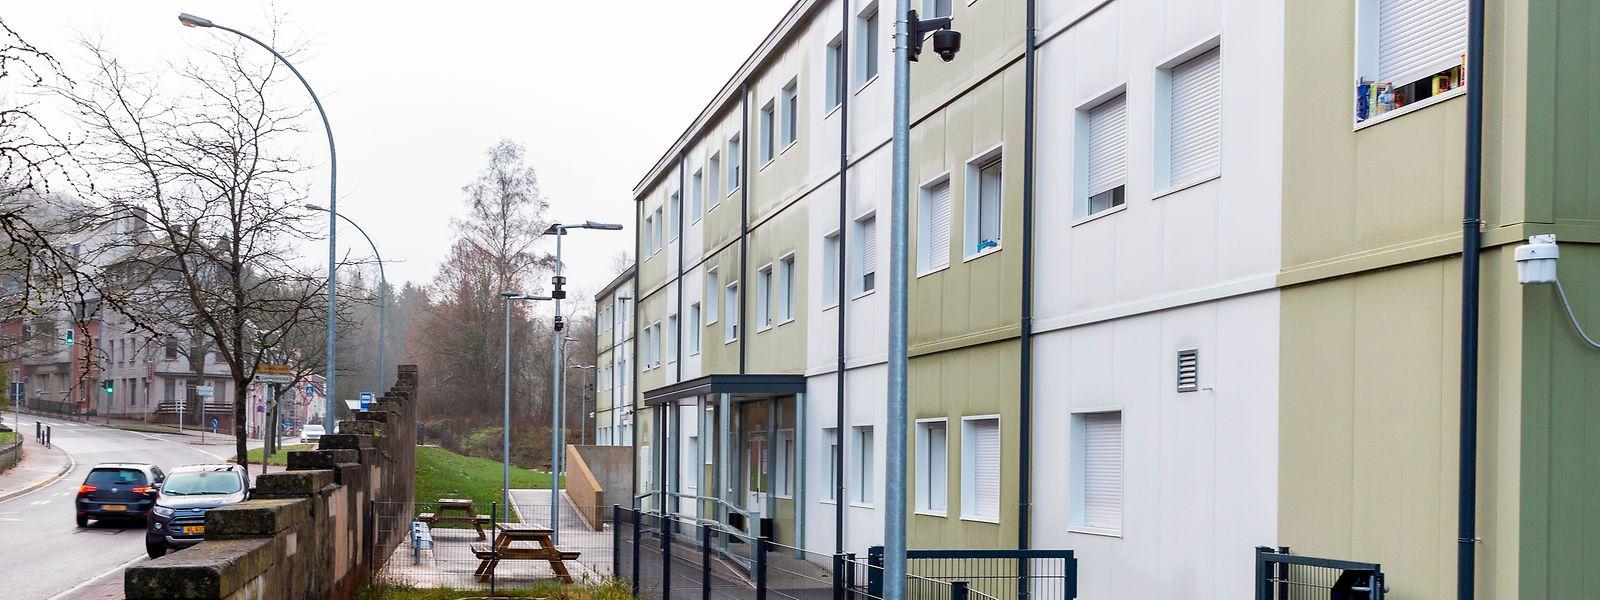 Das Flüchtlingsheim im Stadtteil Neudorf in Esch beherbergt seit der Eröffnung im August 140 Flüchtlinge.